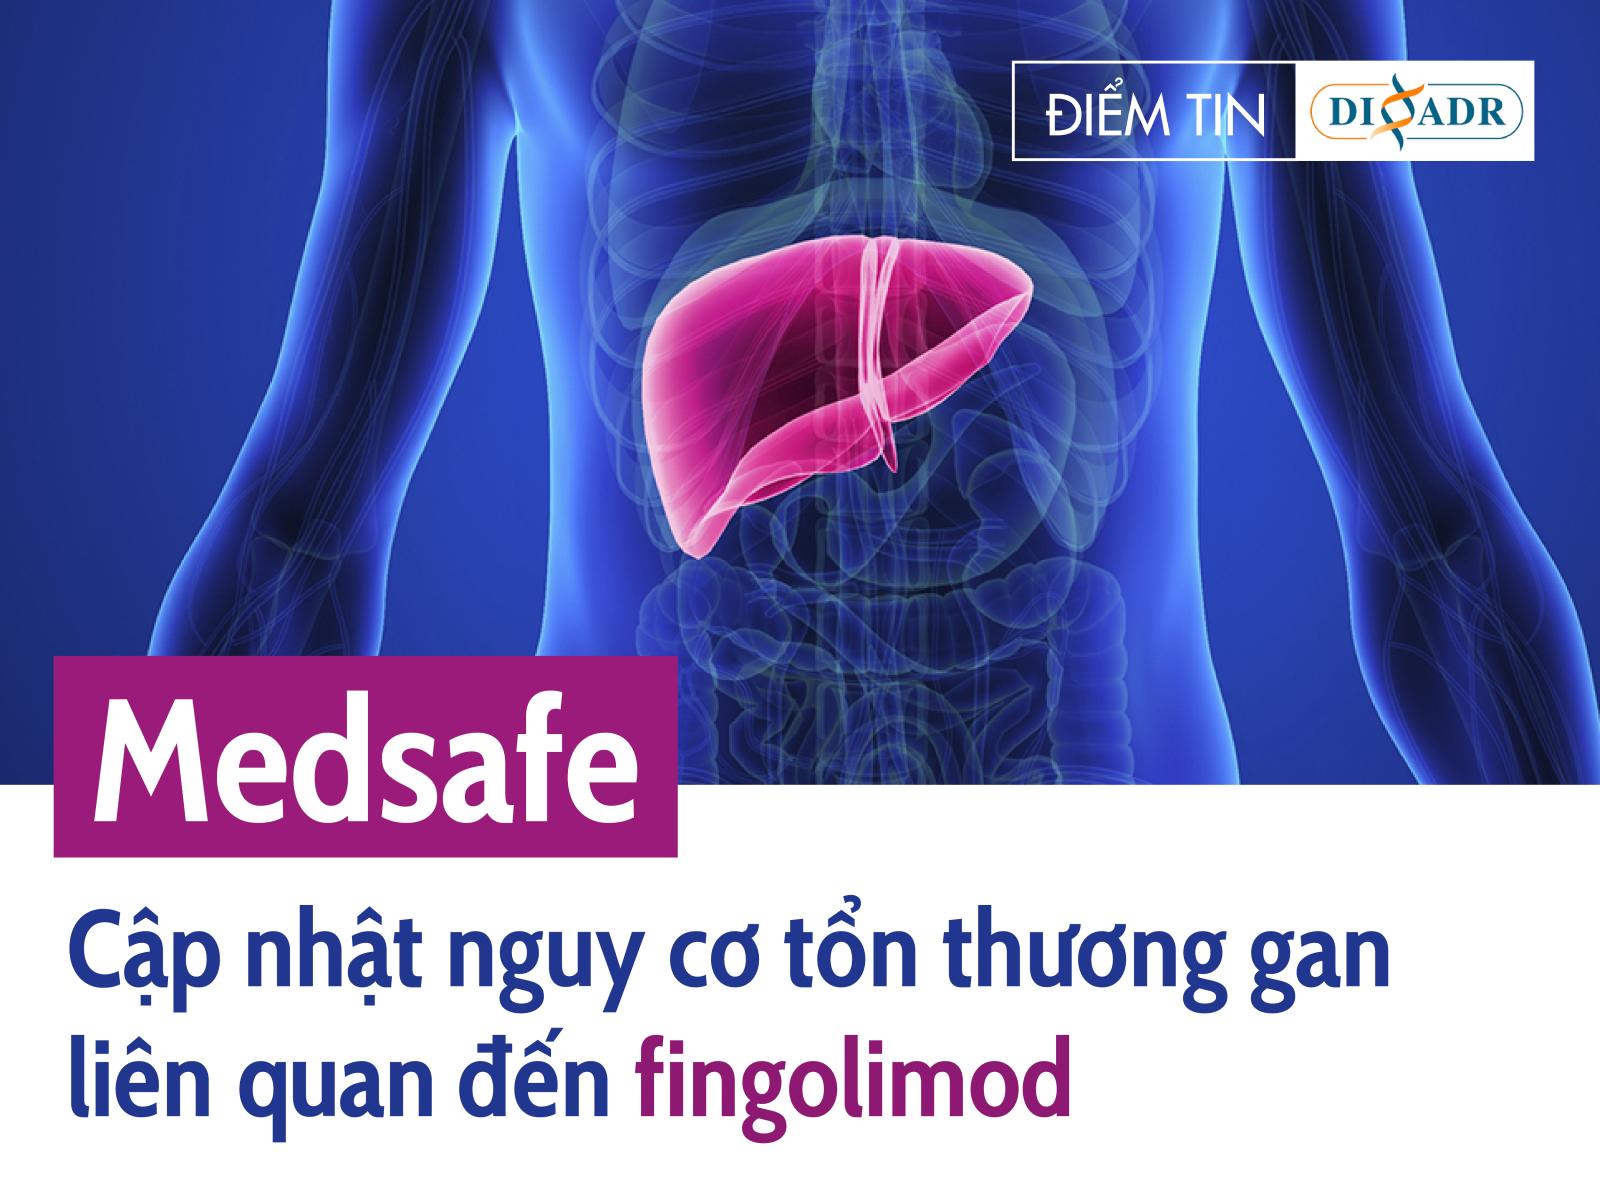 Medsafe: Cập nhật nguy cơ tổn thương gan liên quan đến fingolimod